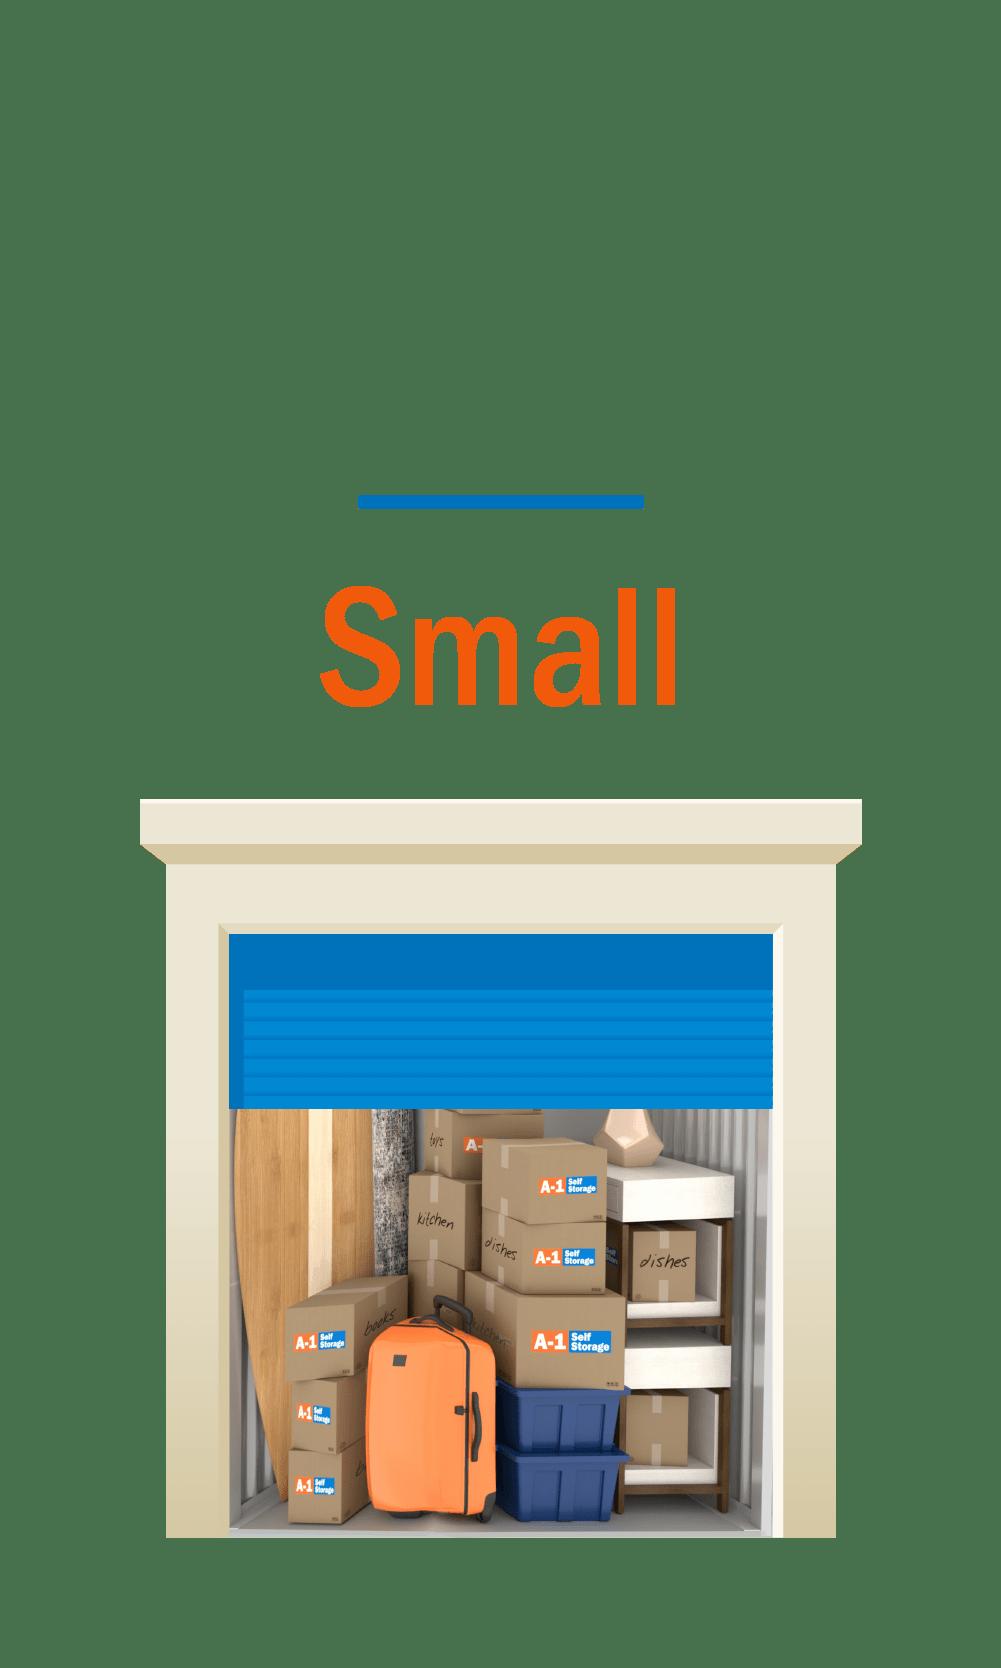 Small storage unit graphic, door open